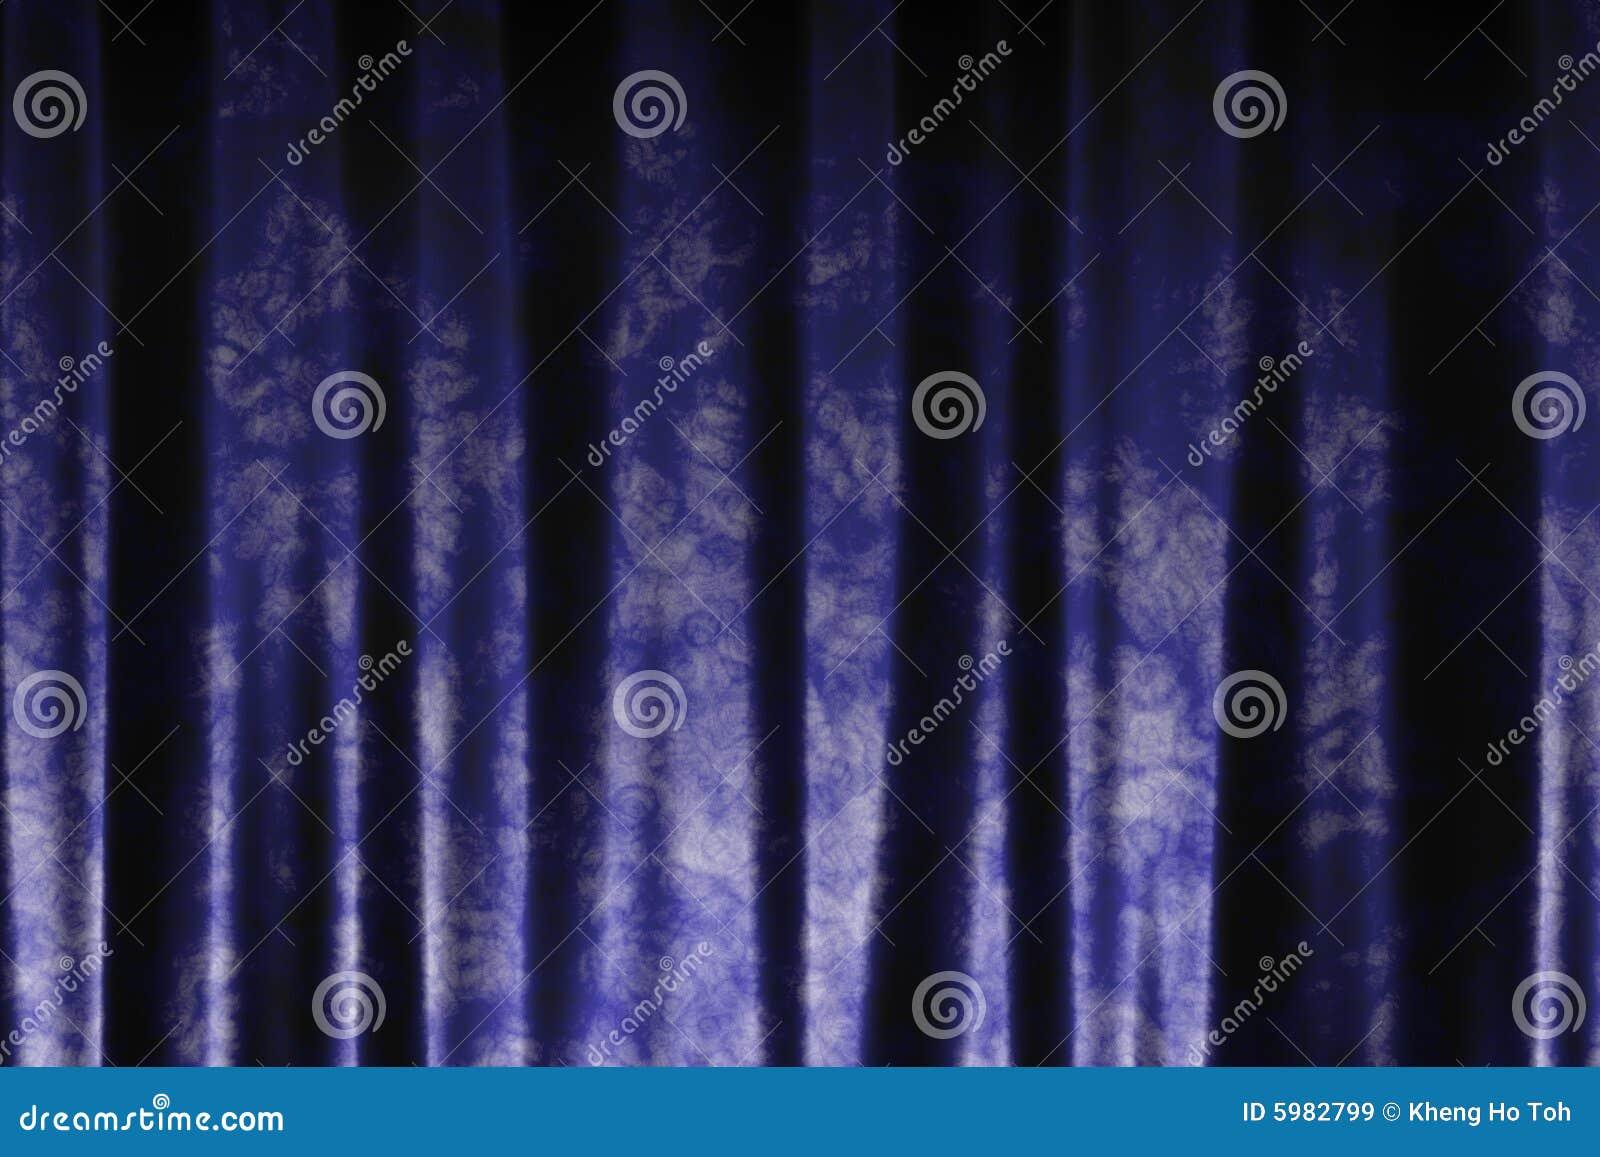 Fondo abstracto de las cortinas de seda